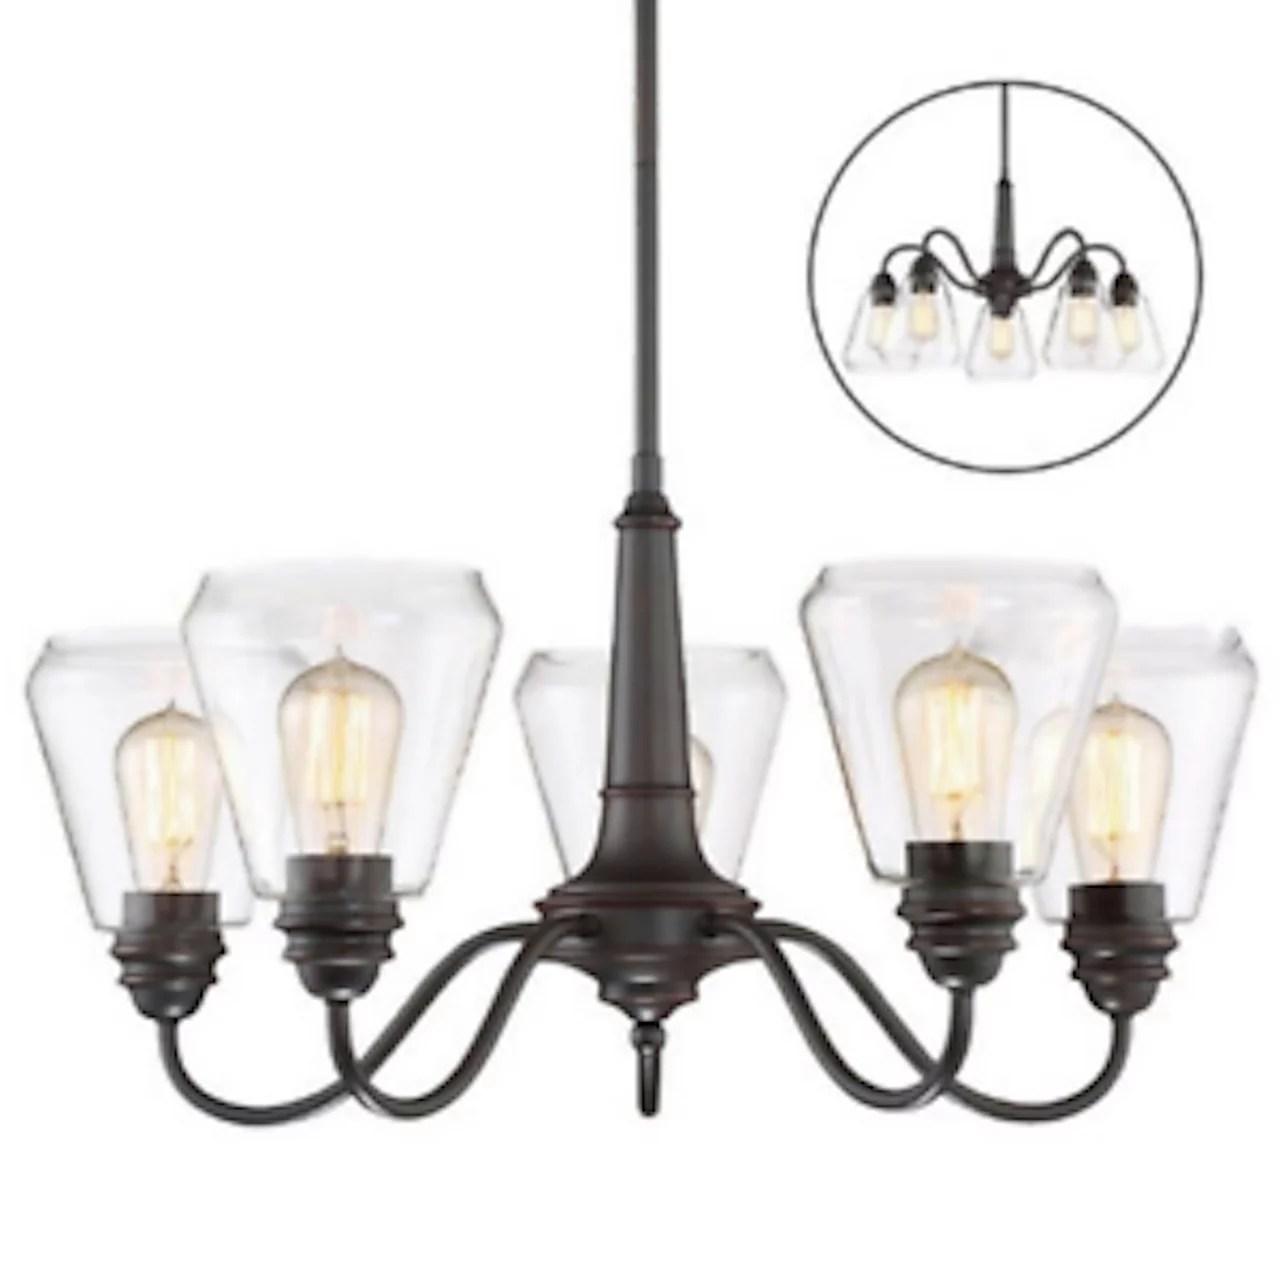 altair lighting led 5 arm chandelier